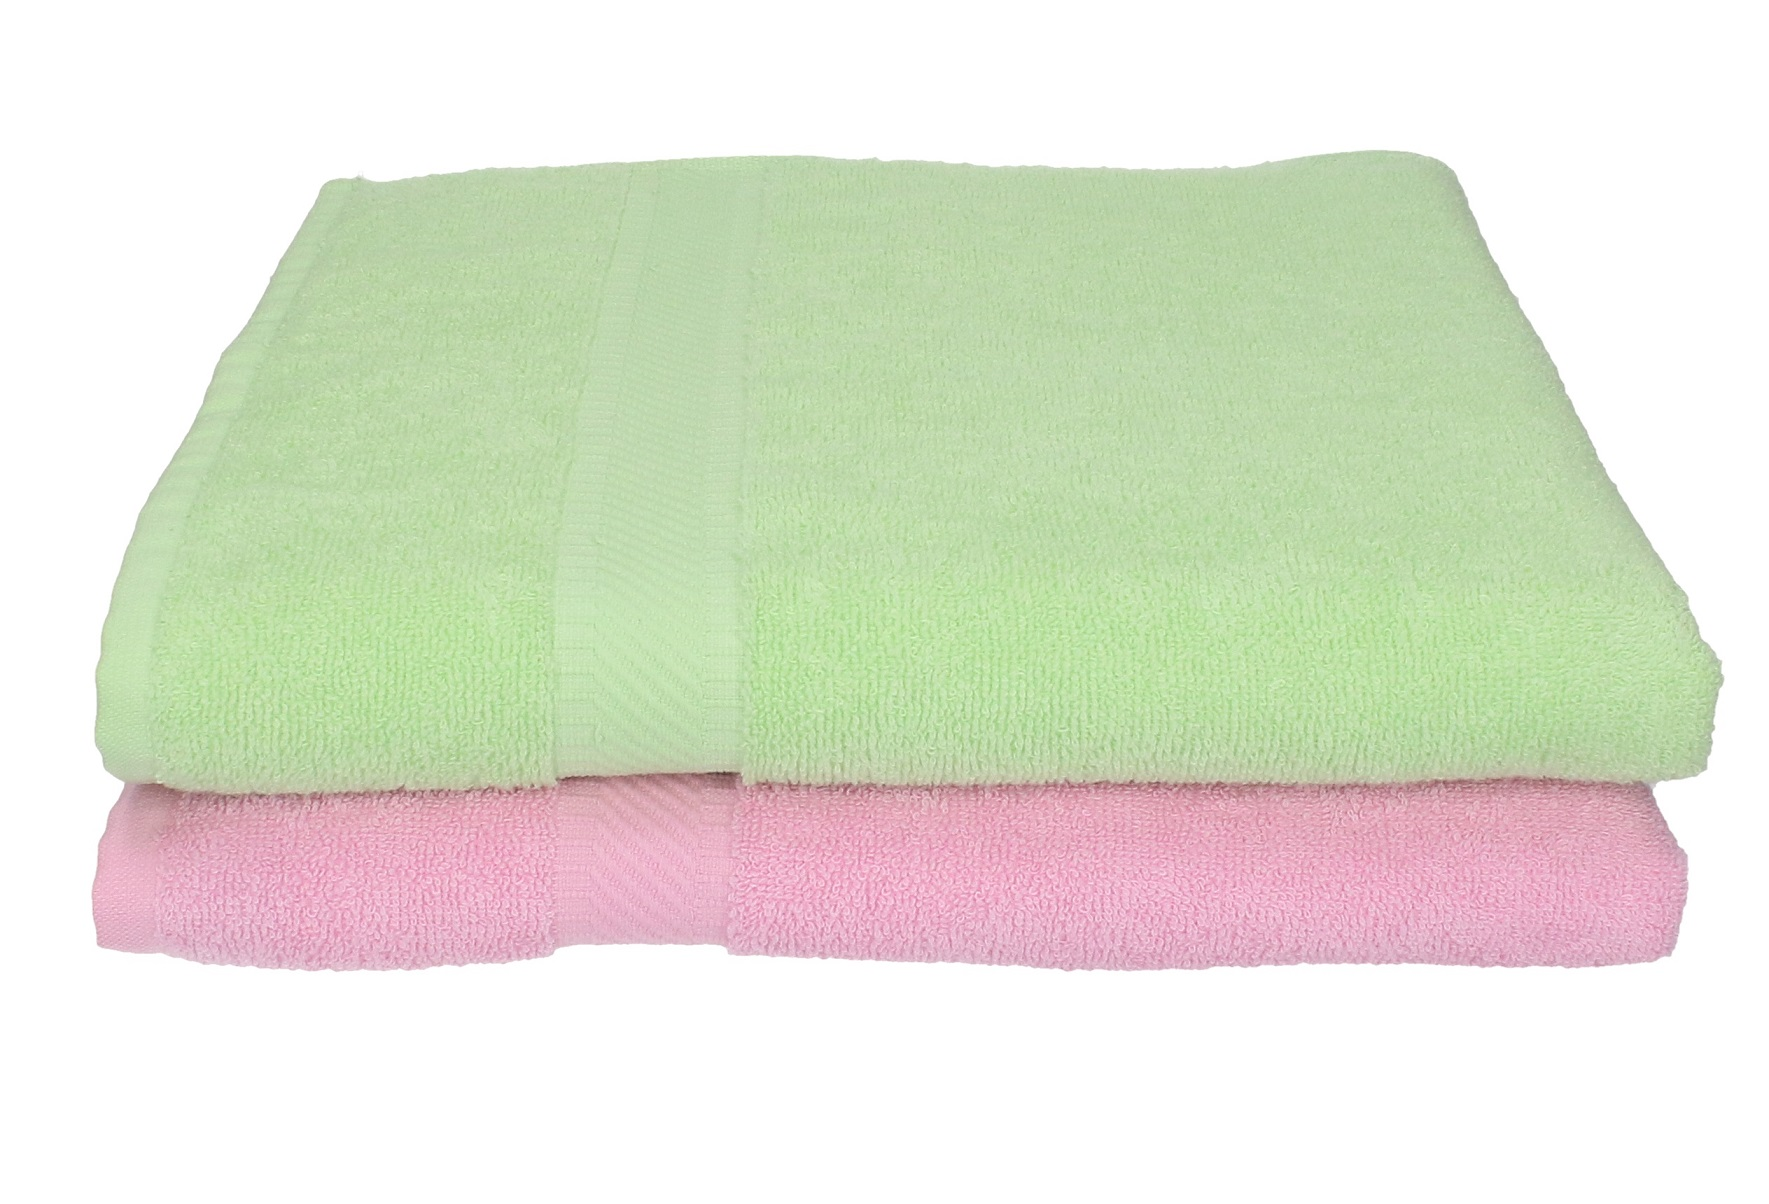 BETZ Lot de 2 Serviettes de Bain Taille 70 x 140 cm 100/% Coton Palermo Couleur Vert et ros/é